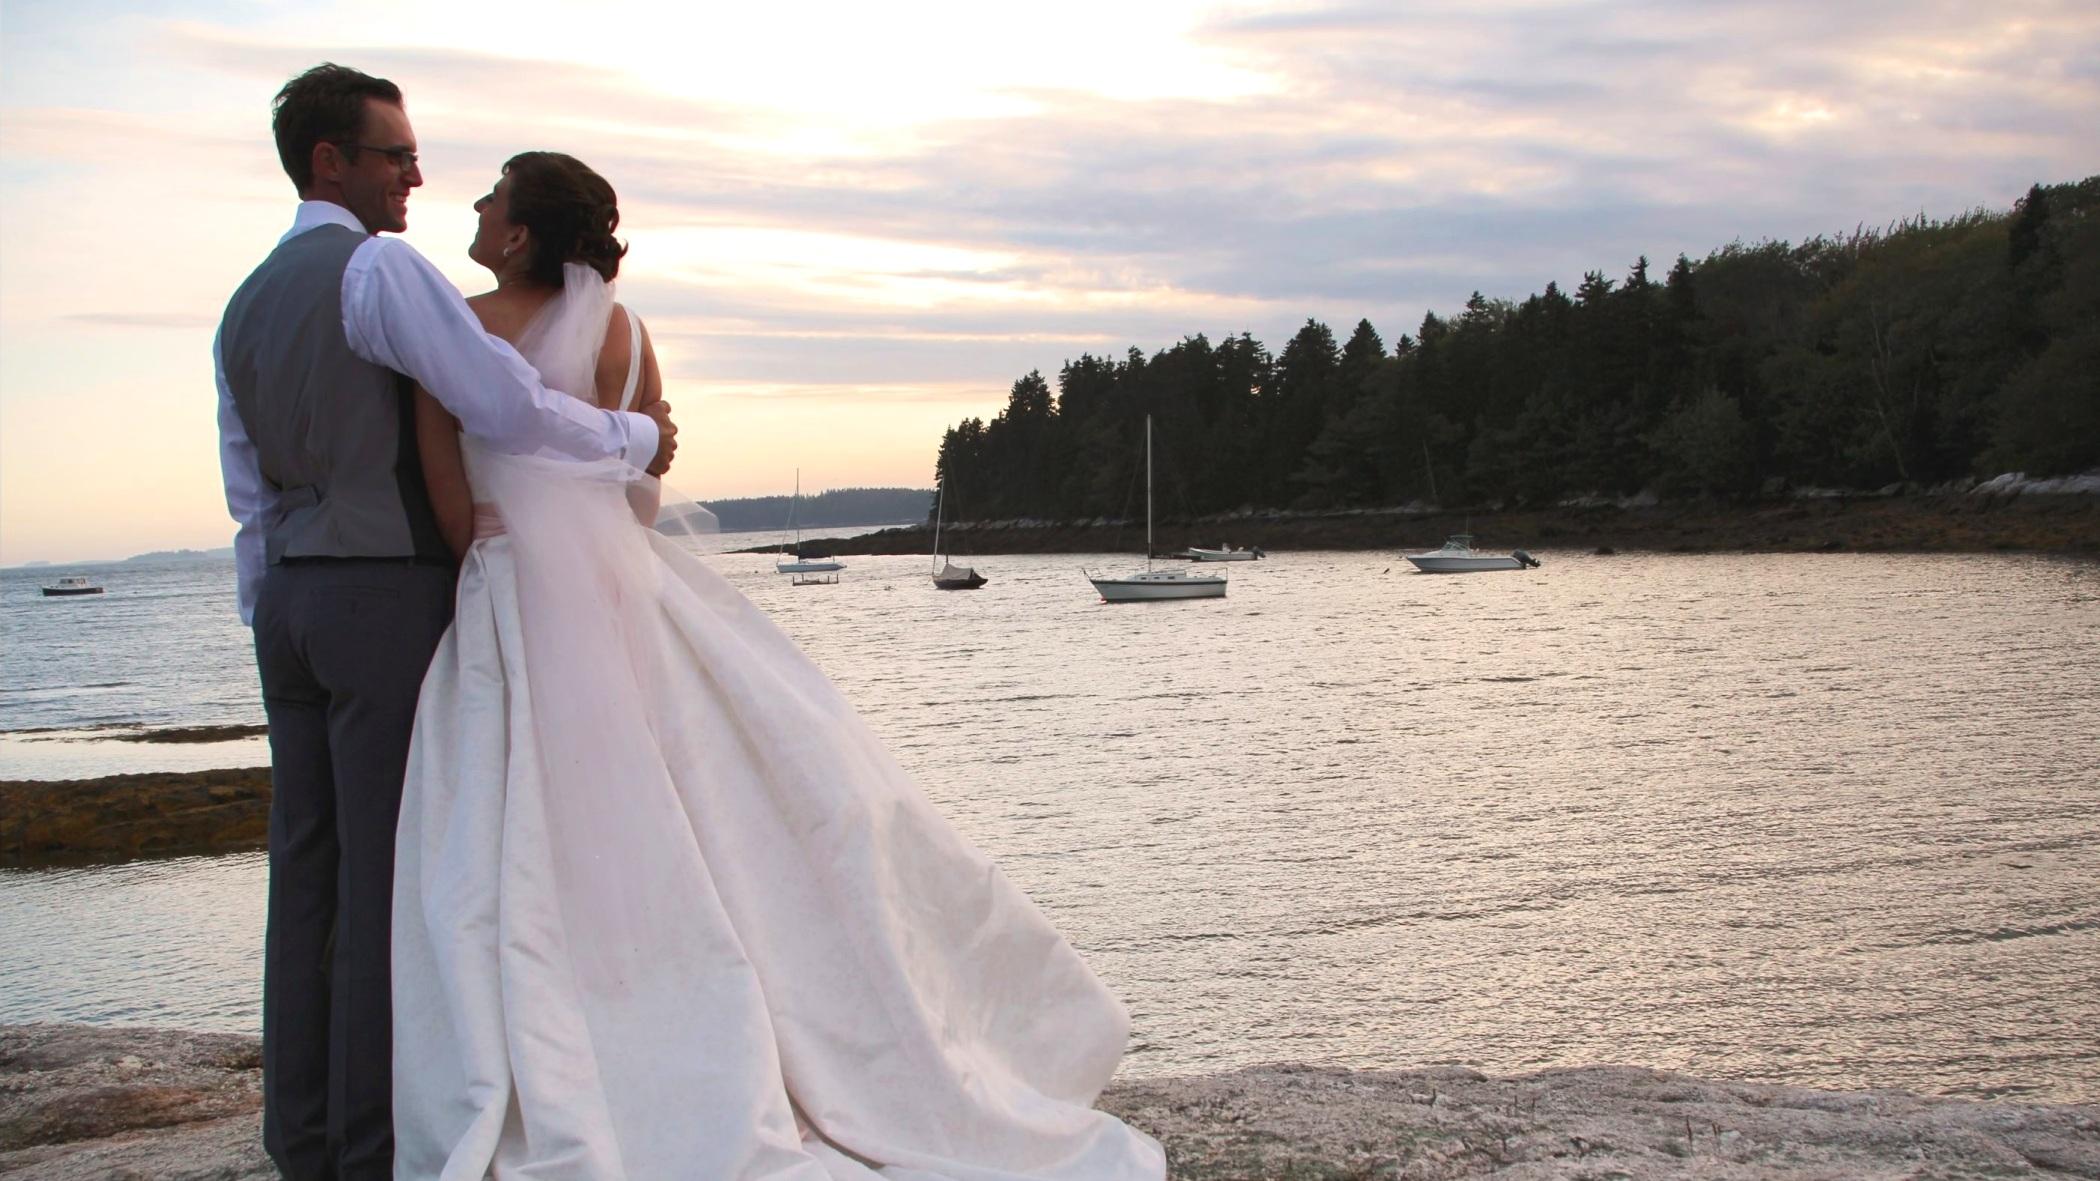 Seaside nuptials